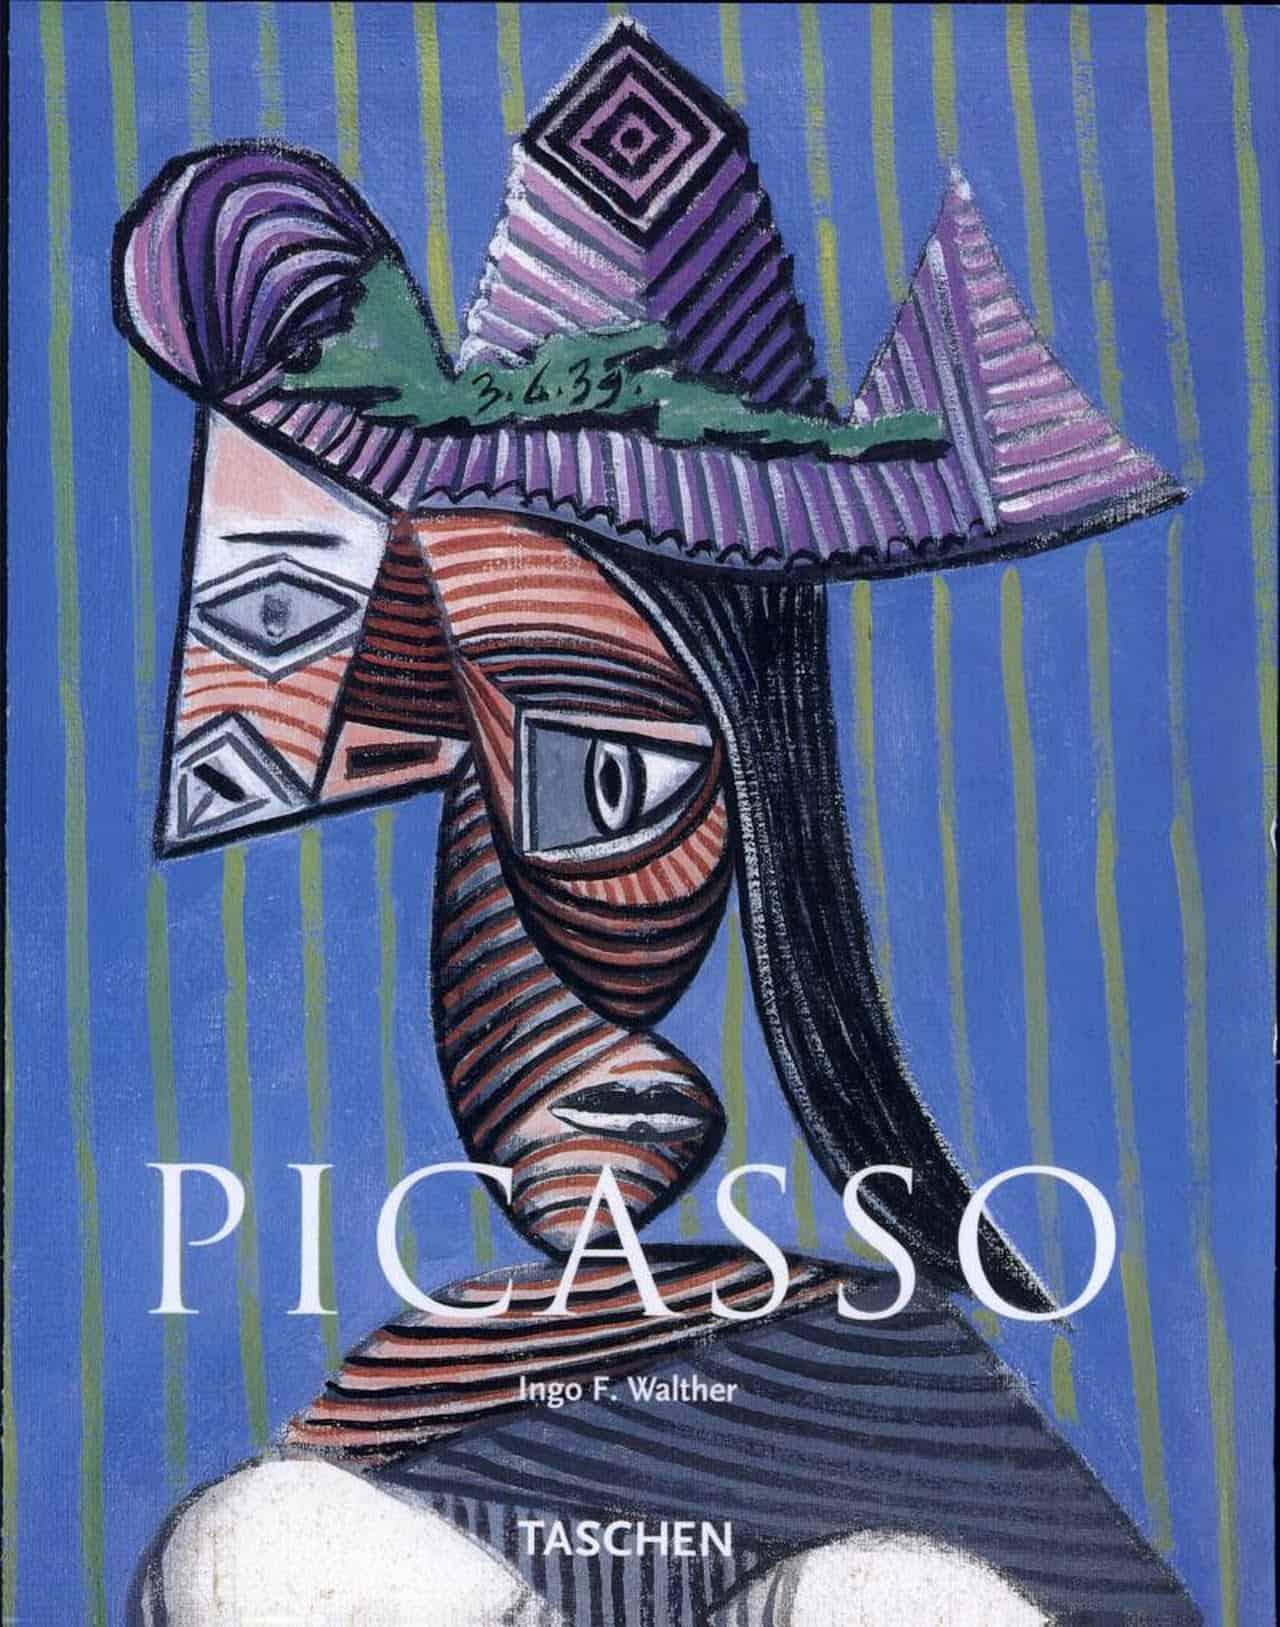 Pablo Picasso - Pablo Picasso